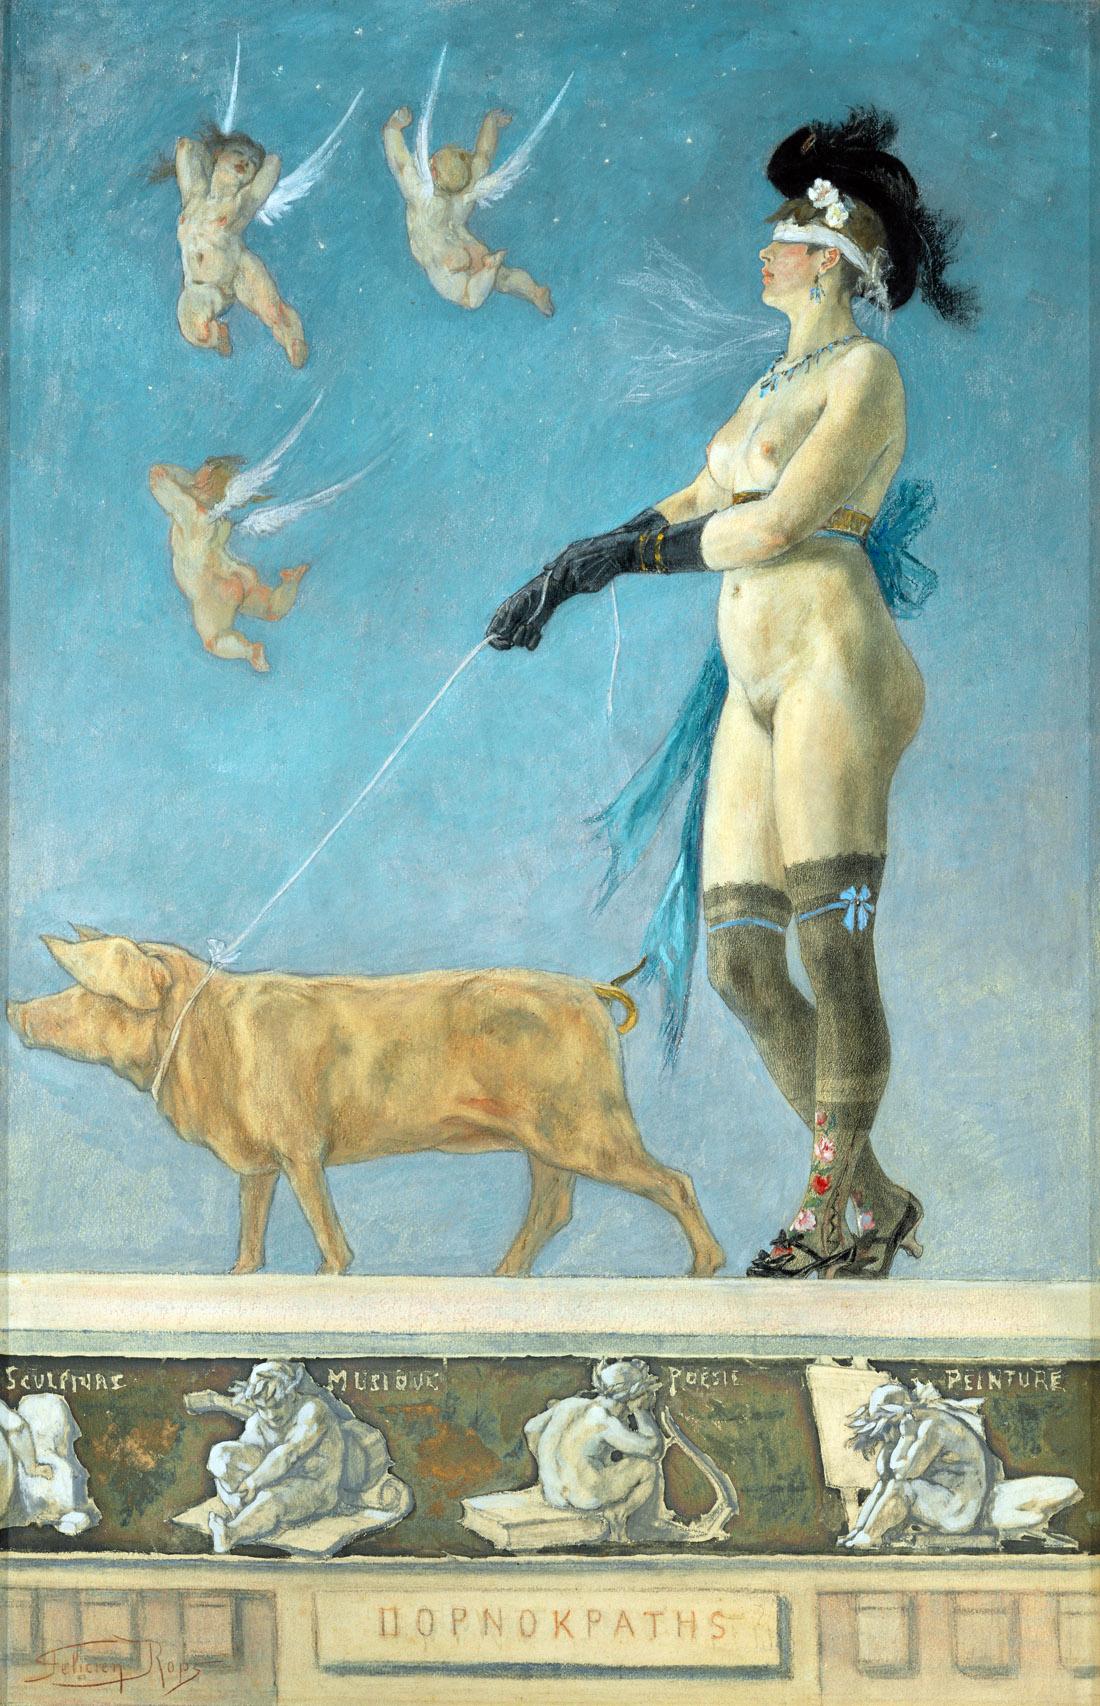 Pornokrates, by Felicien Rops, 1878.